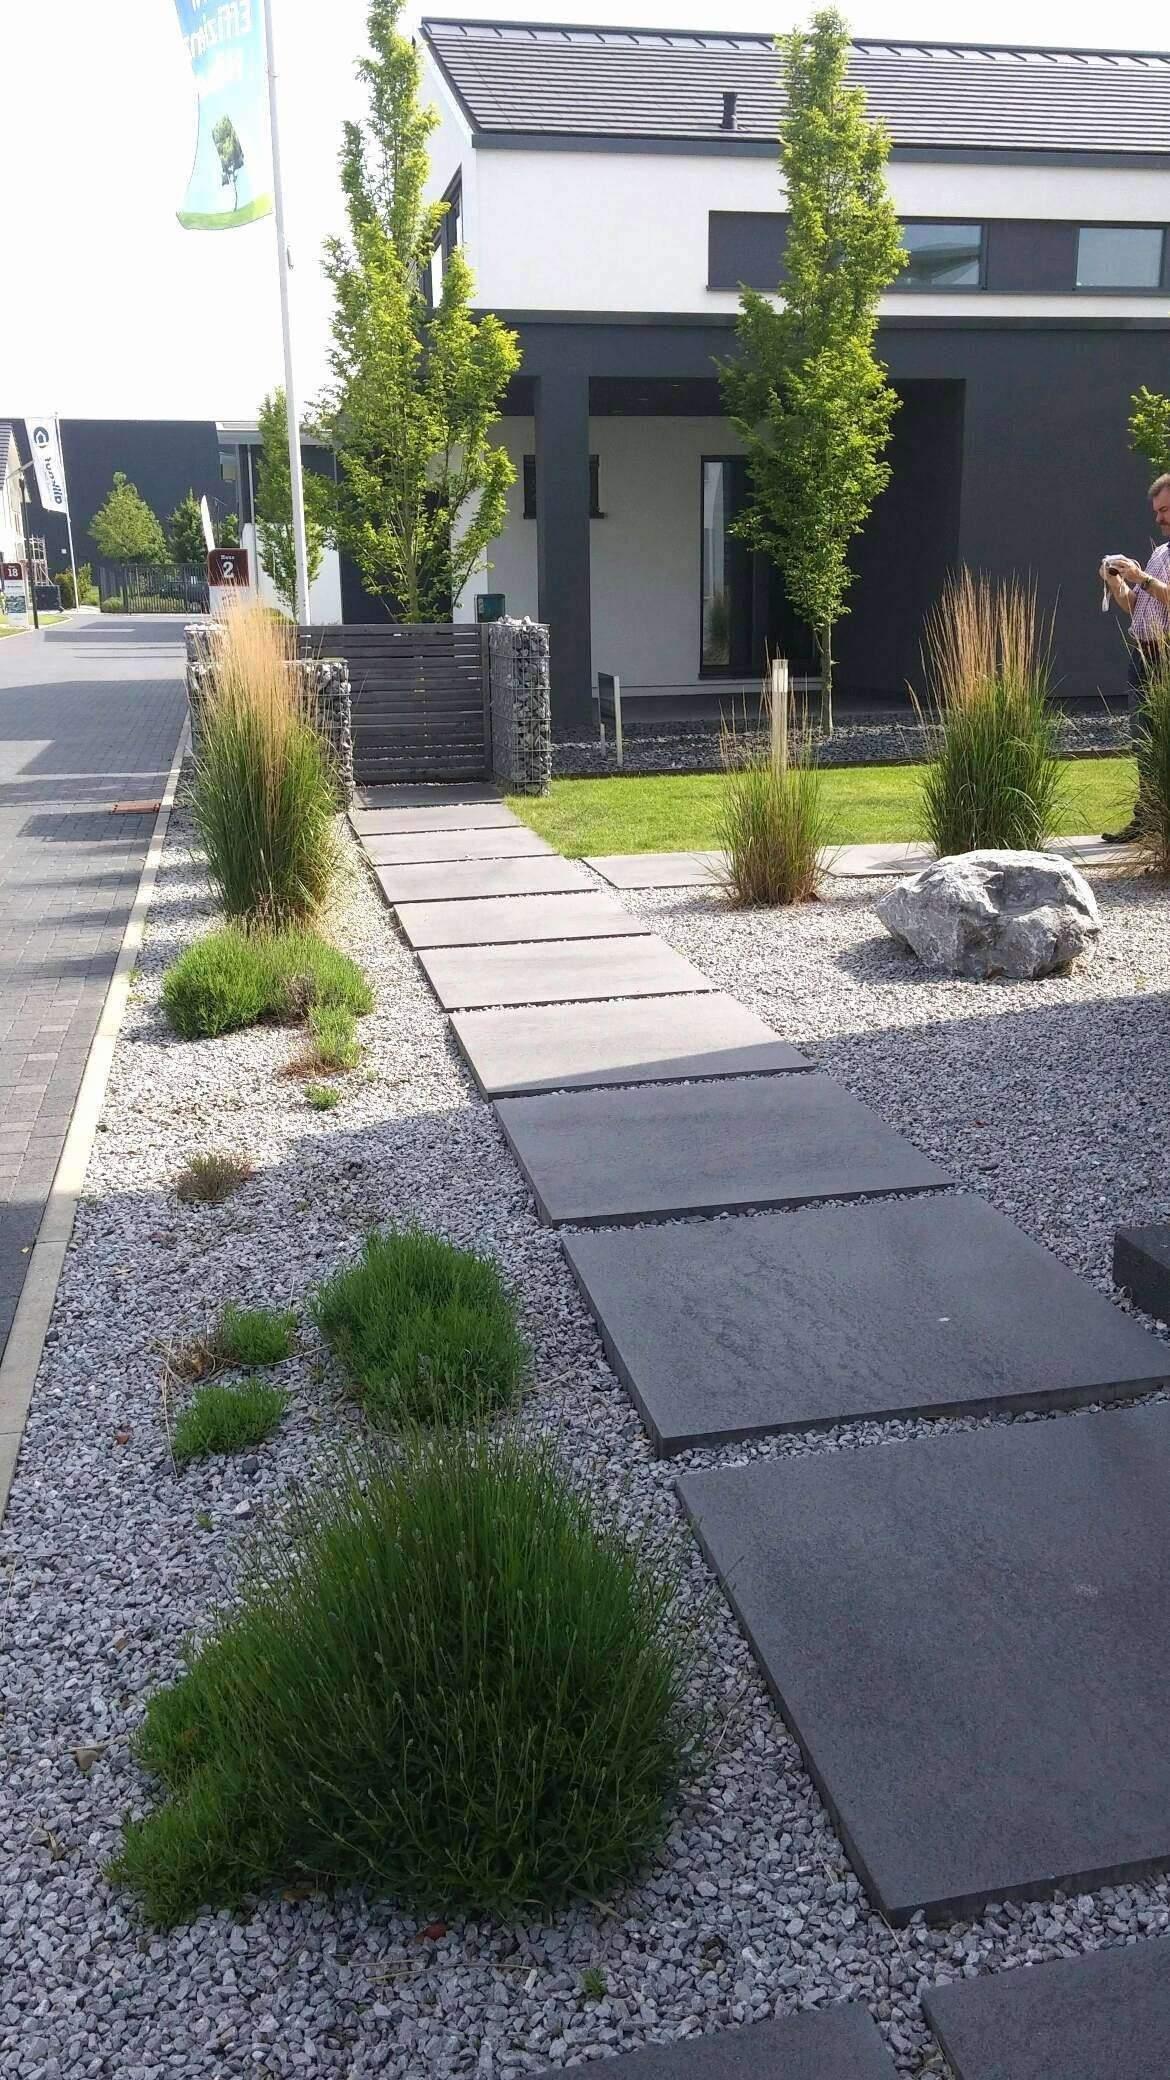 Garten Magazin Luxus Garten Ideas Garten Anlegen Lovely Aussenleuchten Garten 0d